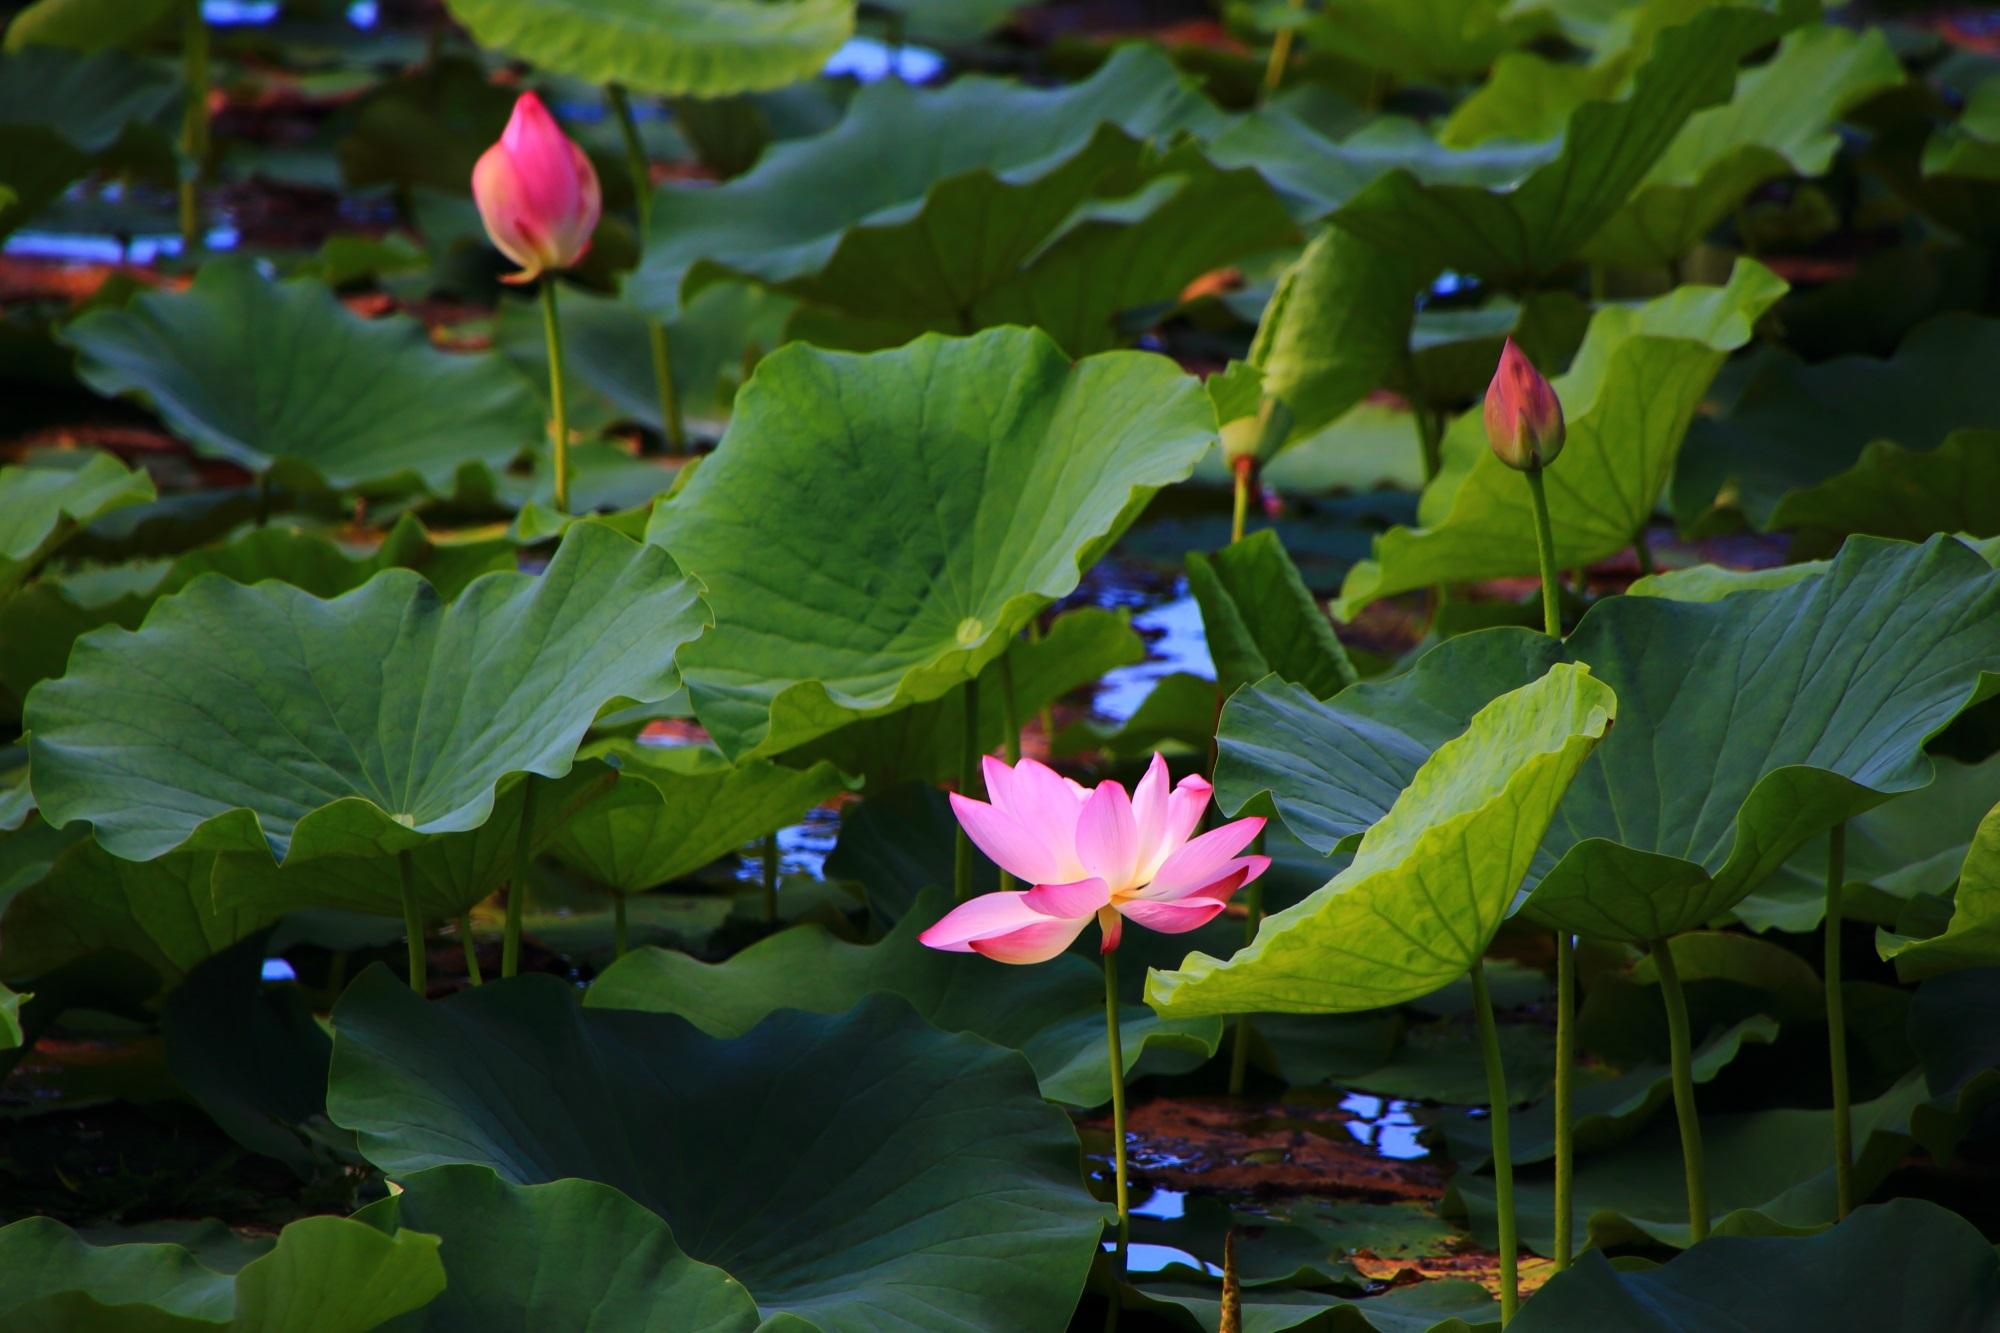 大覚寺の大沢池の深い緑の中で華やぐピンクの蓮の花